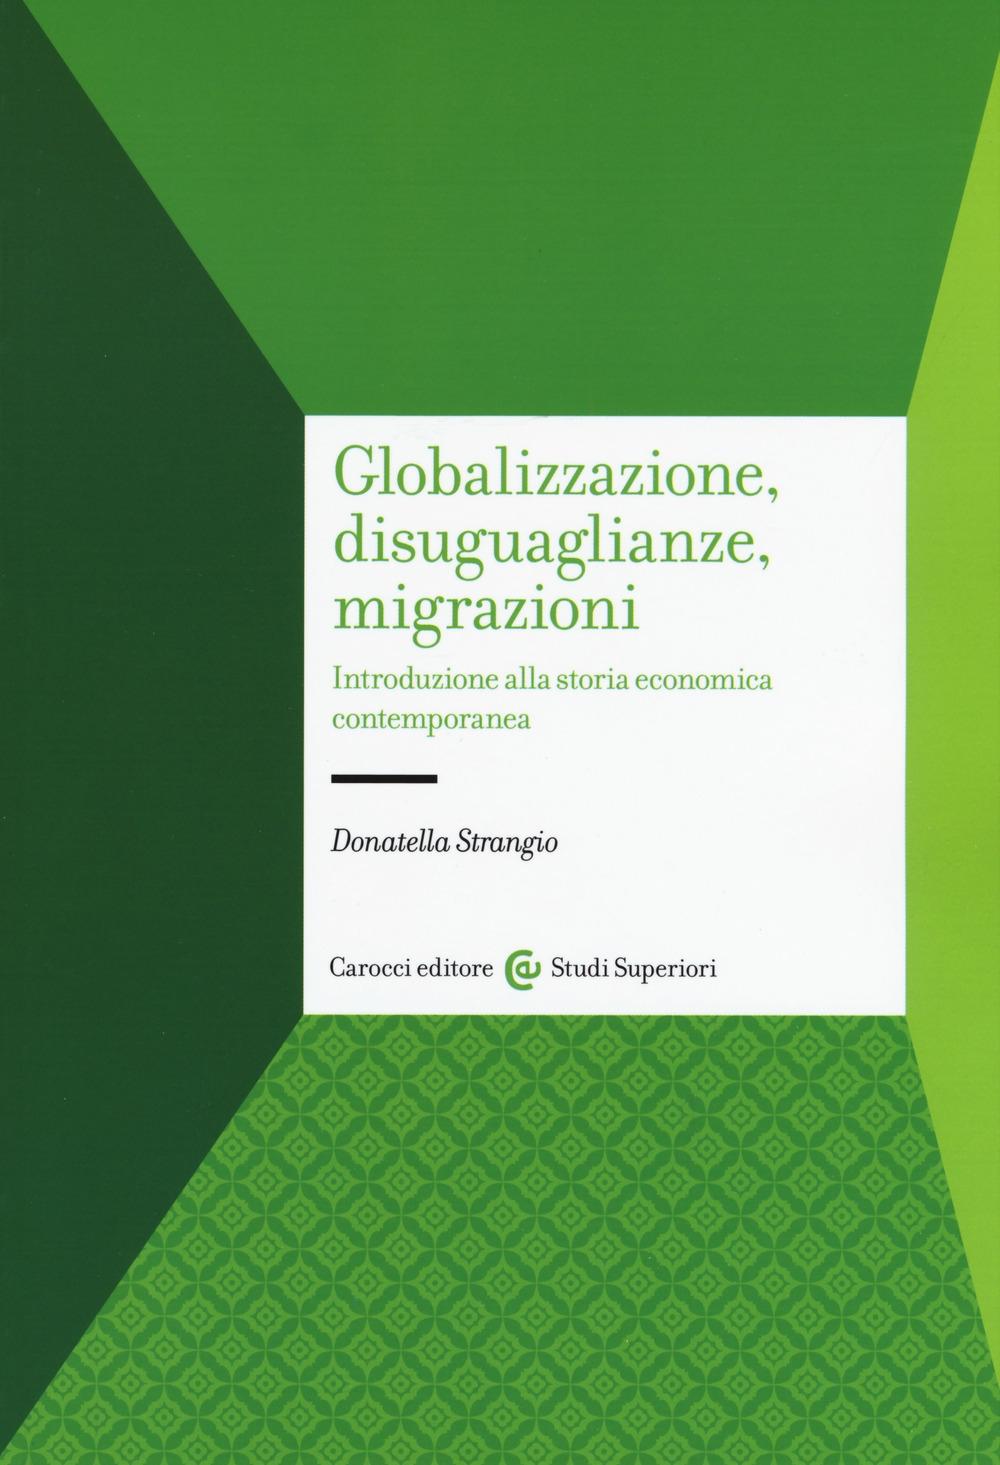 Globalizzazione, disuguaglianze, migrazioni. Introduzione alla storia economica contemporanea